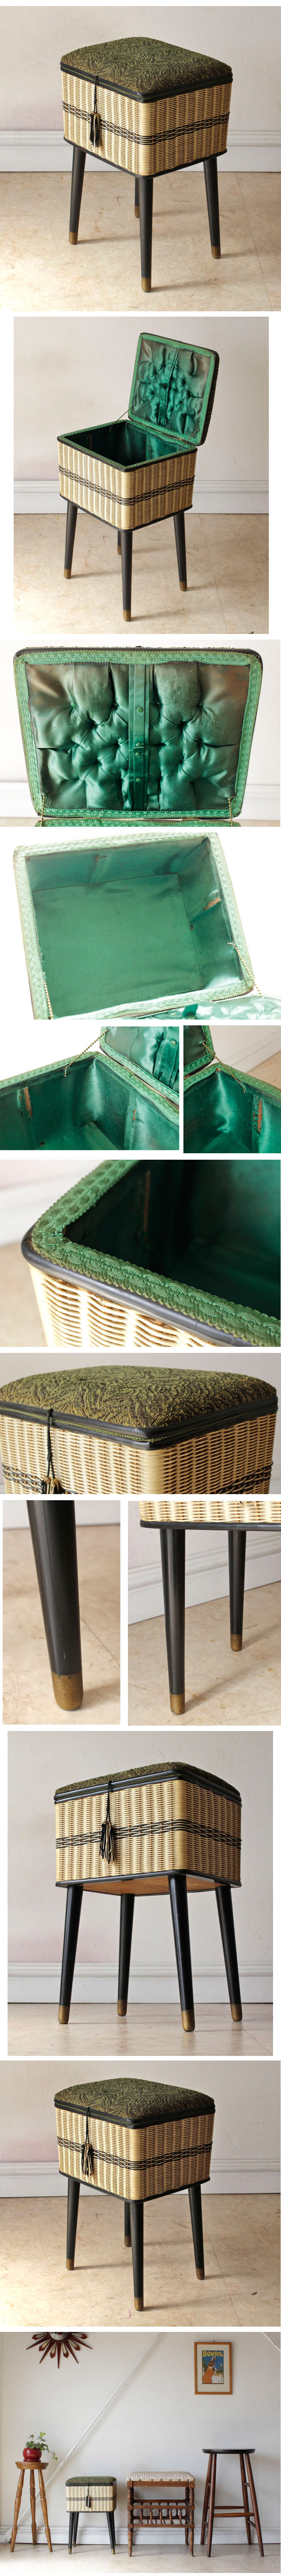 イギリス・ソーイングボックス・裁縫箱・スツール・雑貨・レトロ・アンティーク・ビンテージ